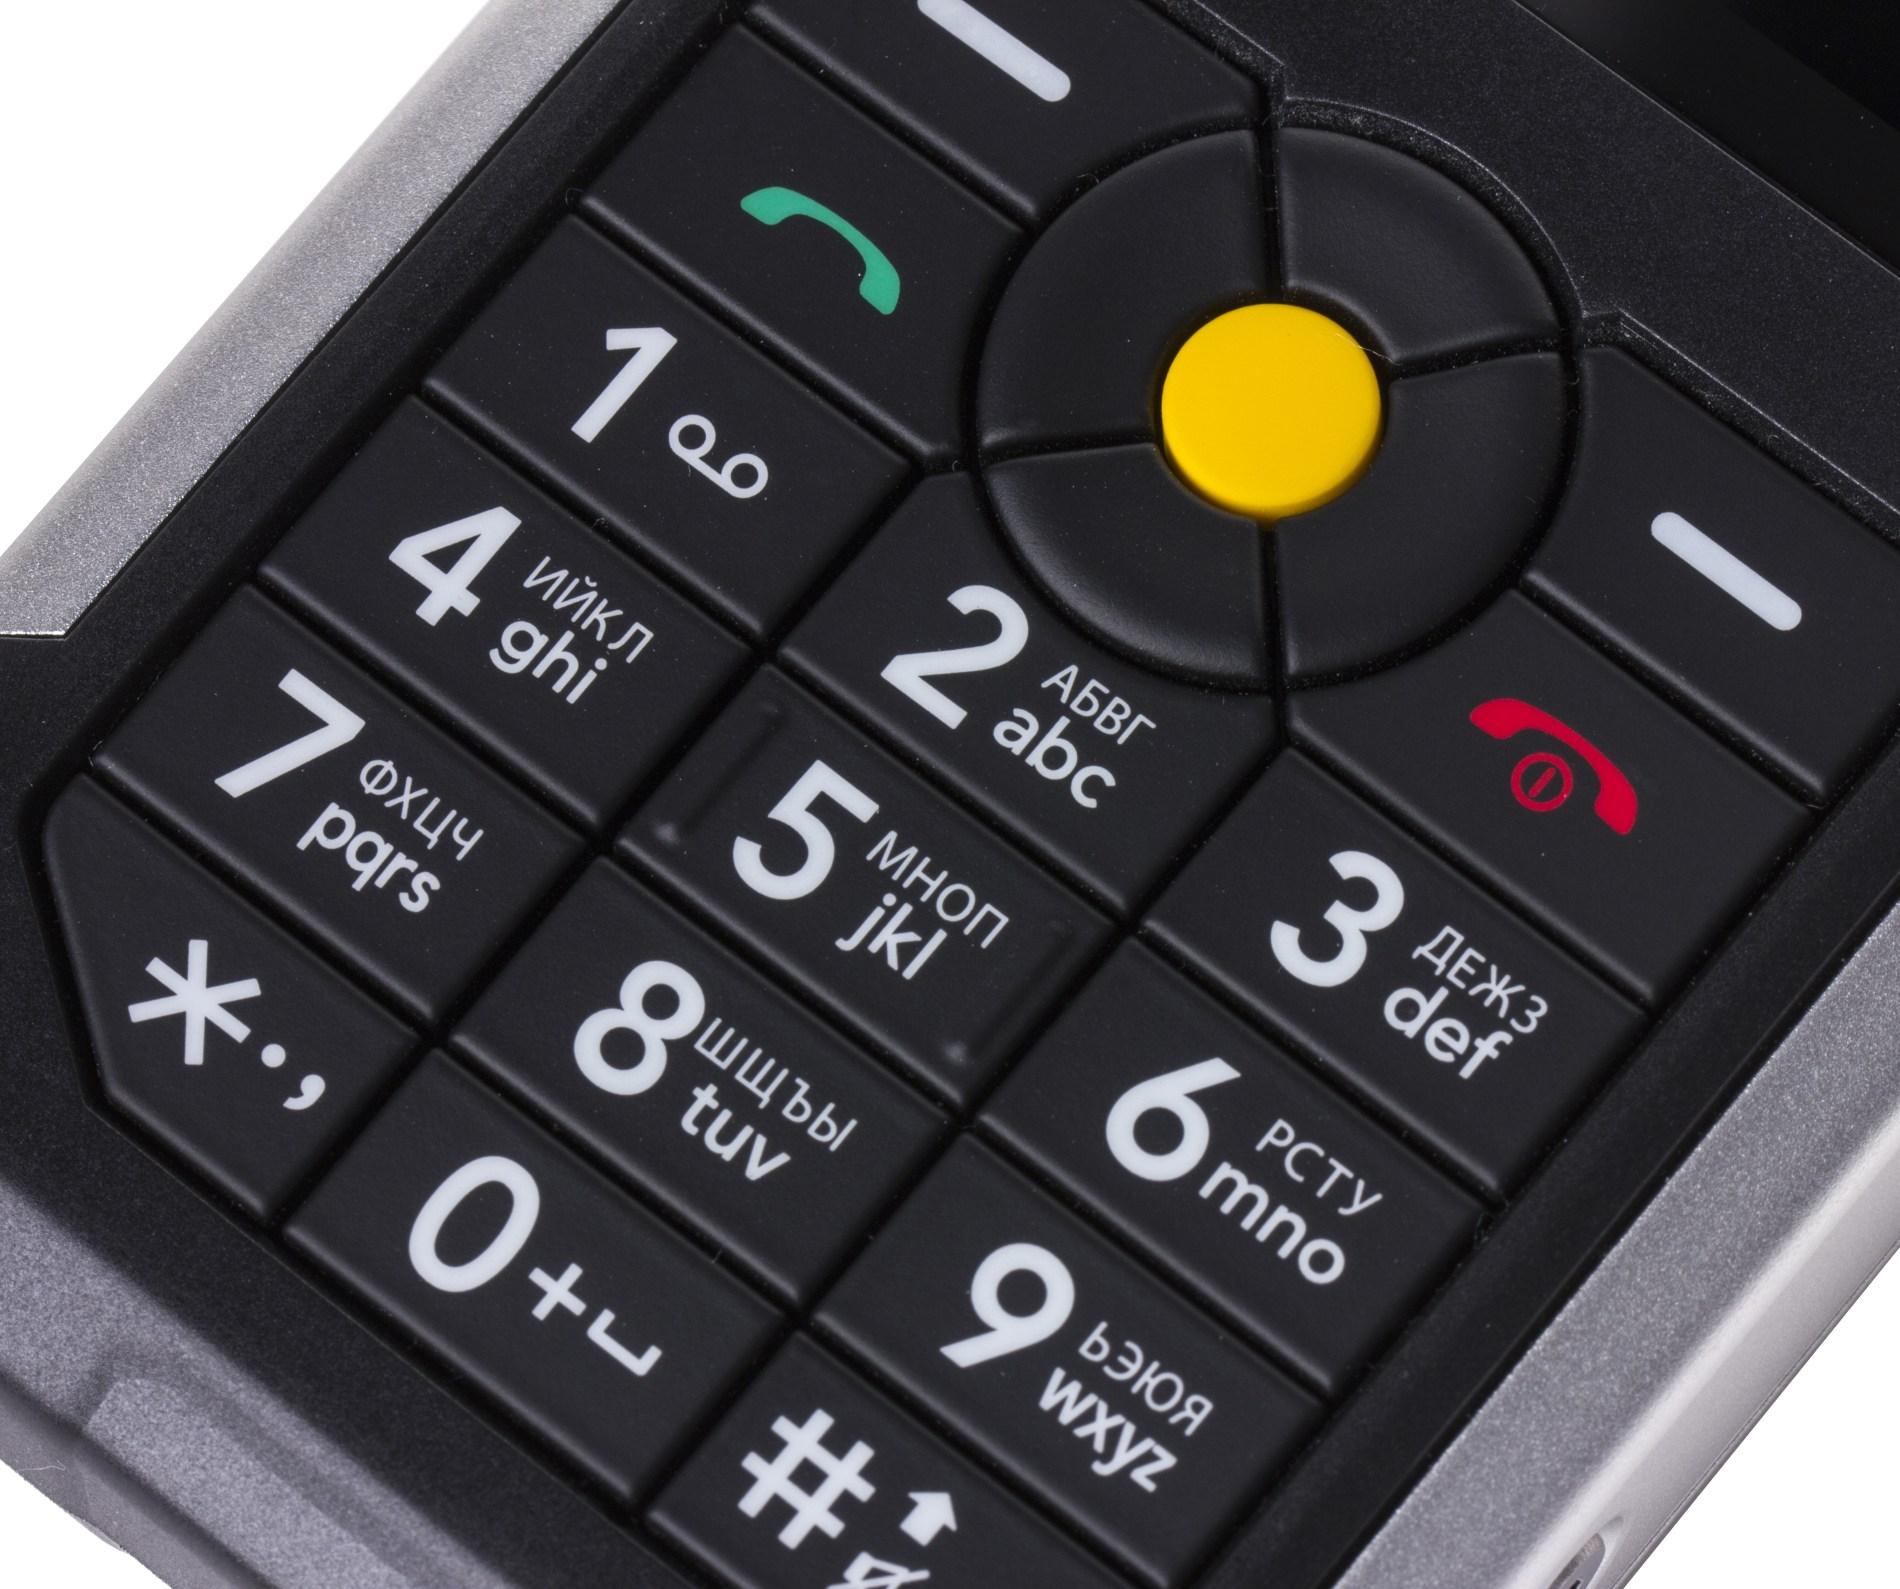 Лучшие кнопочные телефоны — Обзор моделей 2019 ...